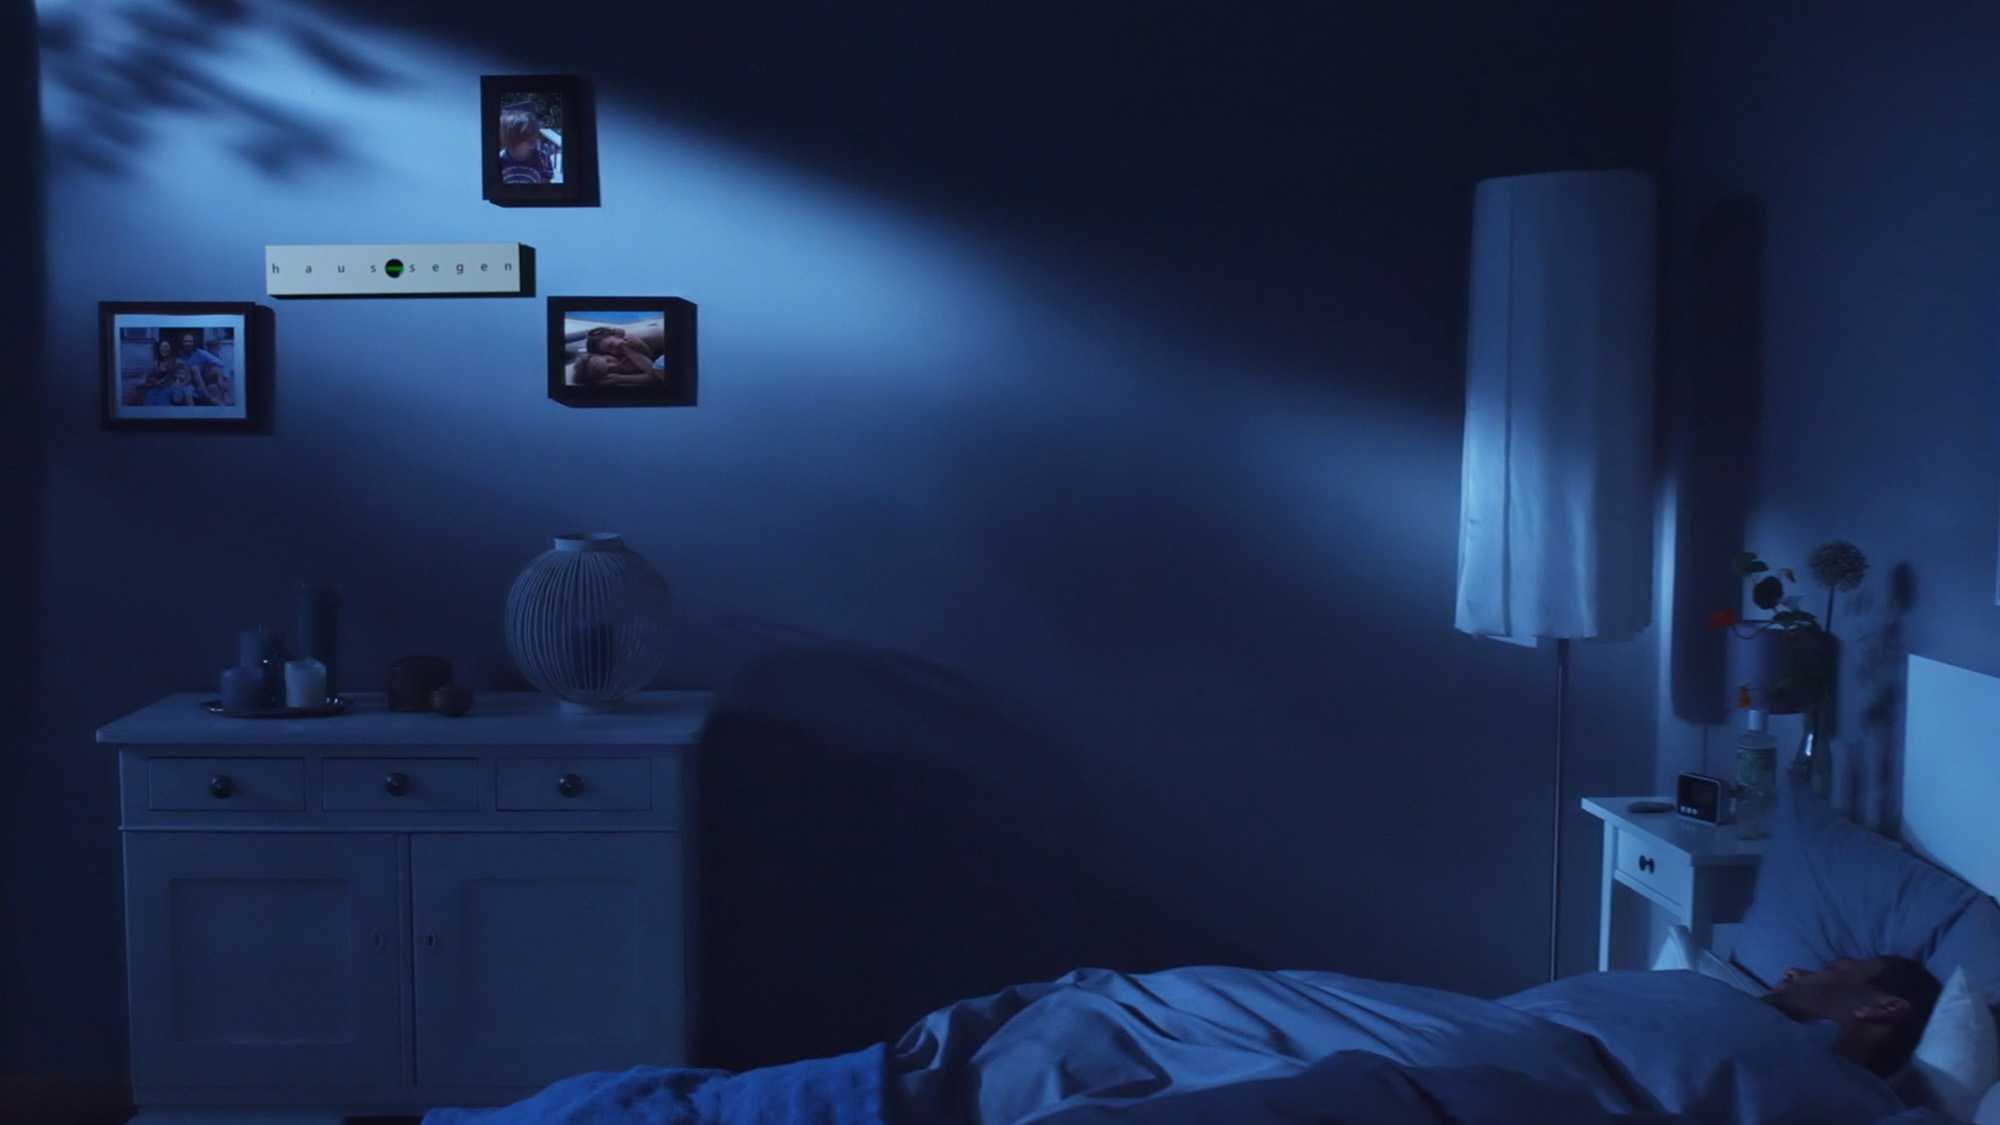 Das Bild zeigt eine blaue Wand in einem Raum. In diesem Raum steht ein Bett und eine Kommode. Es ist Nacht. Die Wand ist blau gefärbt. An ihr hängen Bilder. Dazwischen ist eine Wasserwaage aufgehängt. Diese ist gerade an der Wand zu sehen. Das Bild dient als Sliderbild für den Portfolioeintrag Ohropax Haussegen von Panda Pictures.